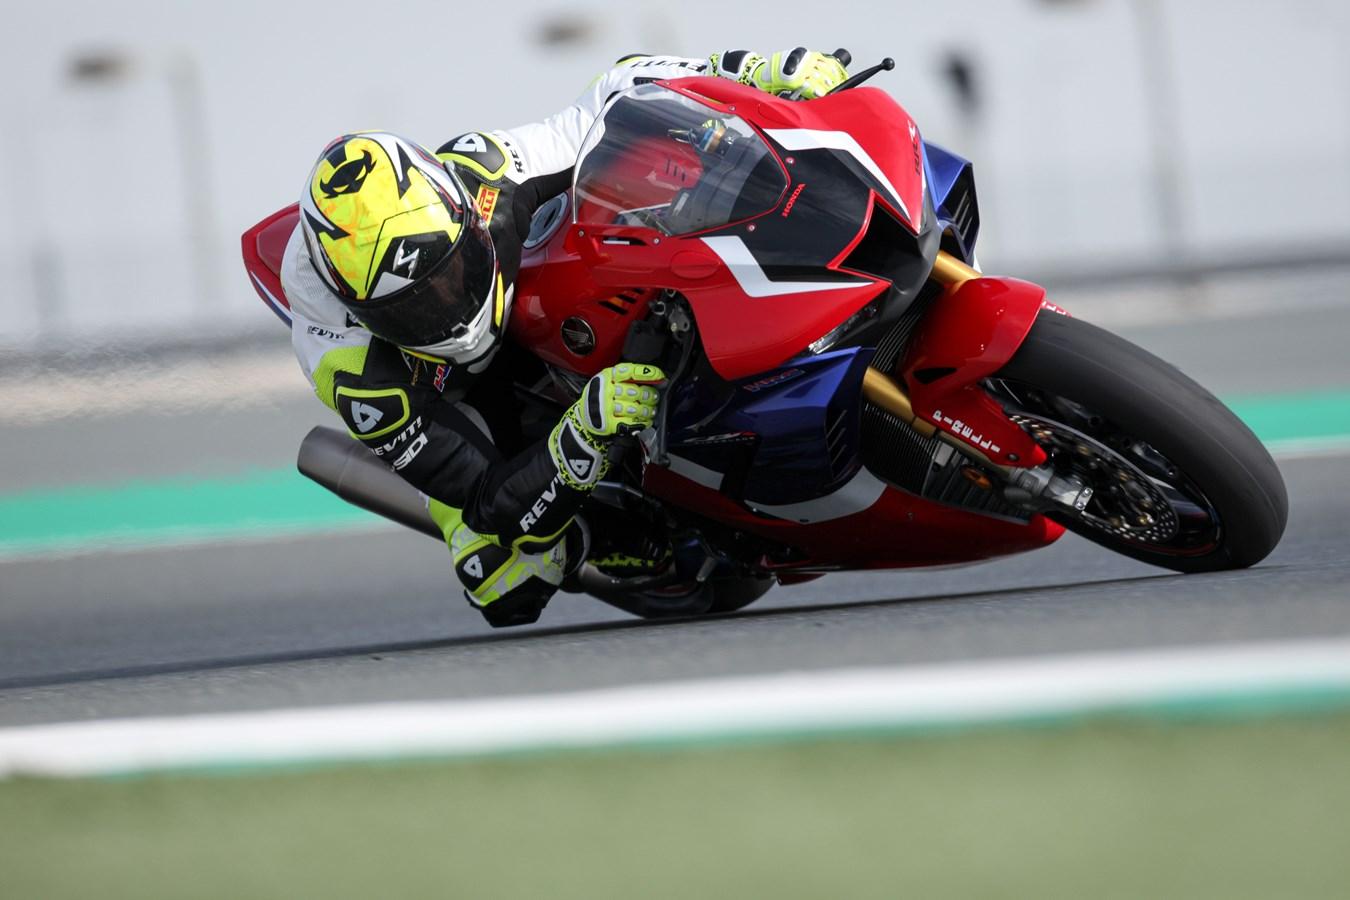 Honda CBR 1000 RR-R Alvaro Bautista